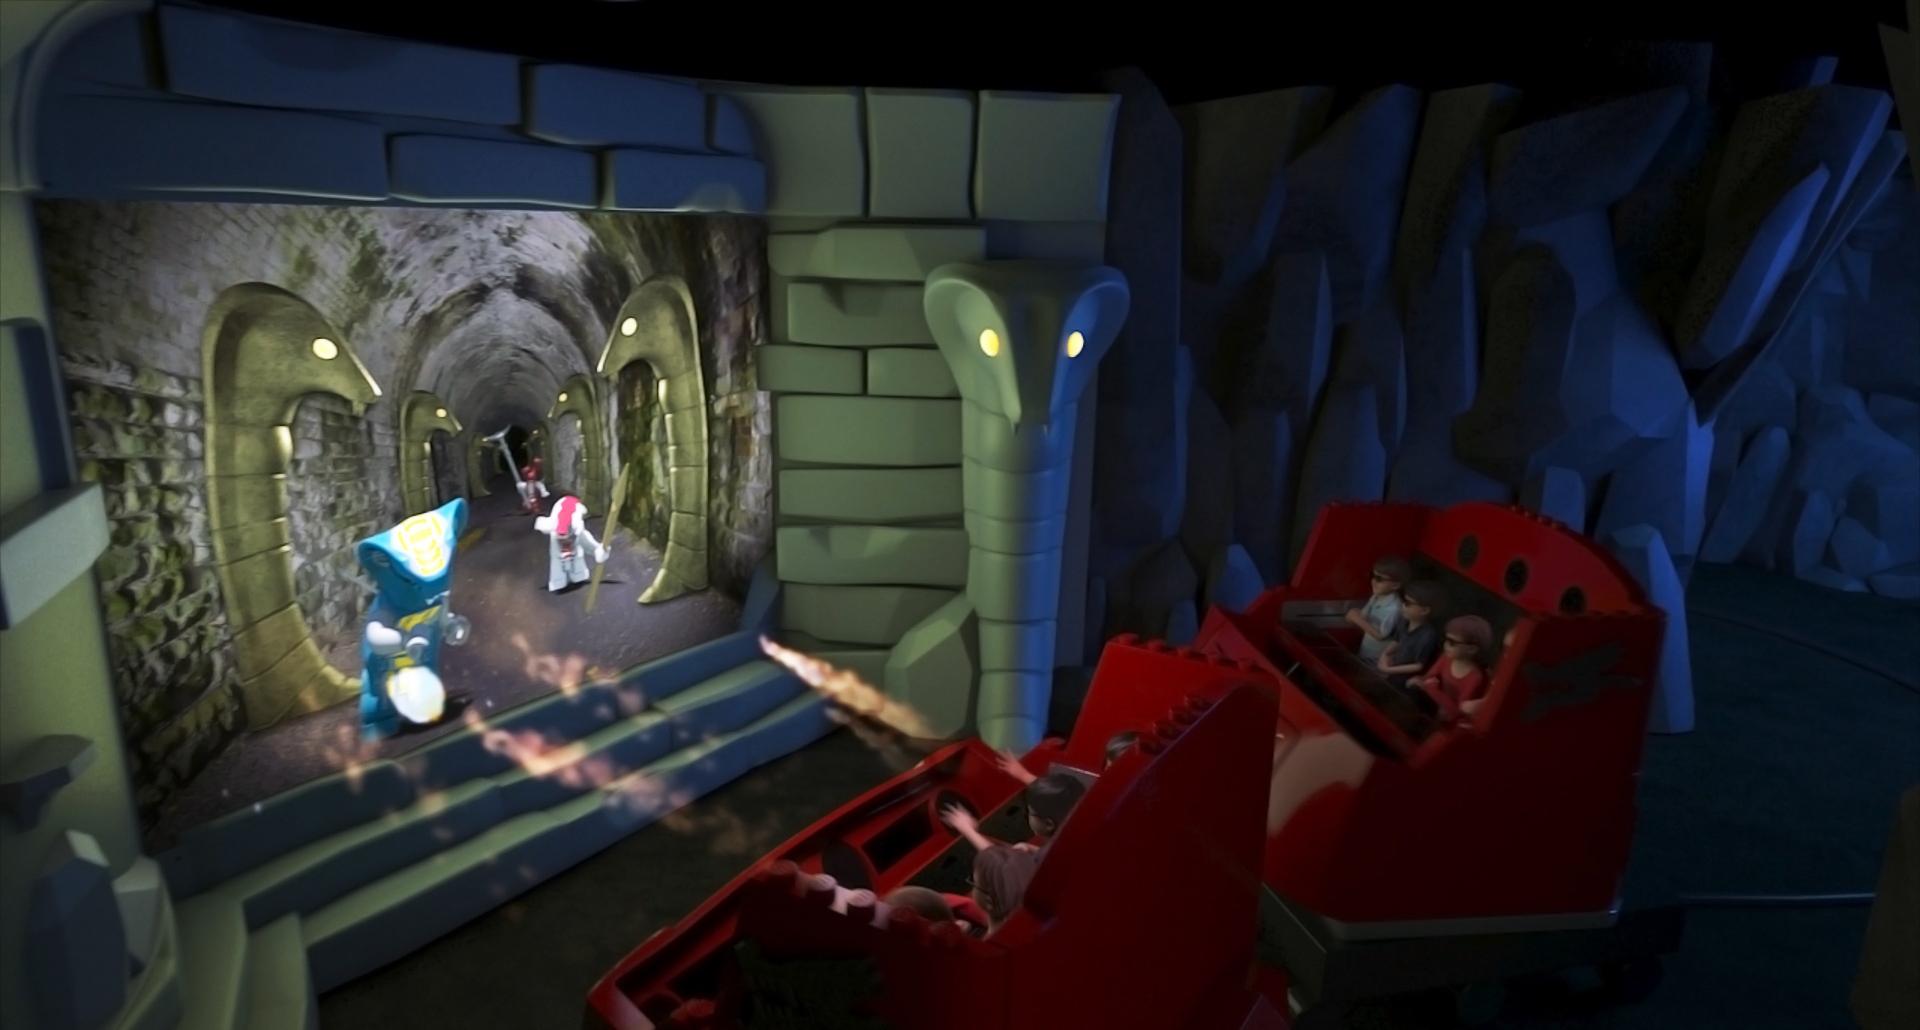 lego friends amusement park set how to put it together